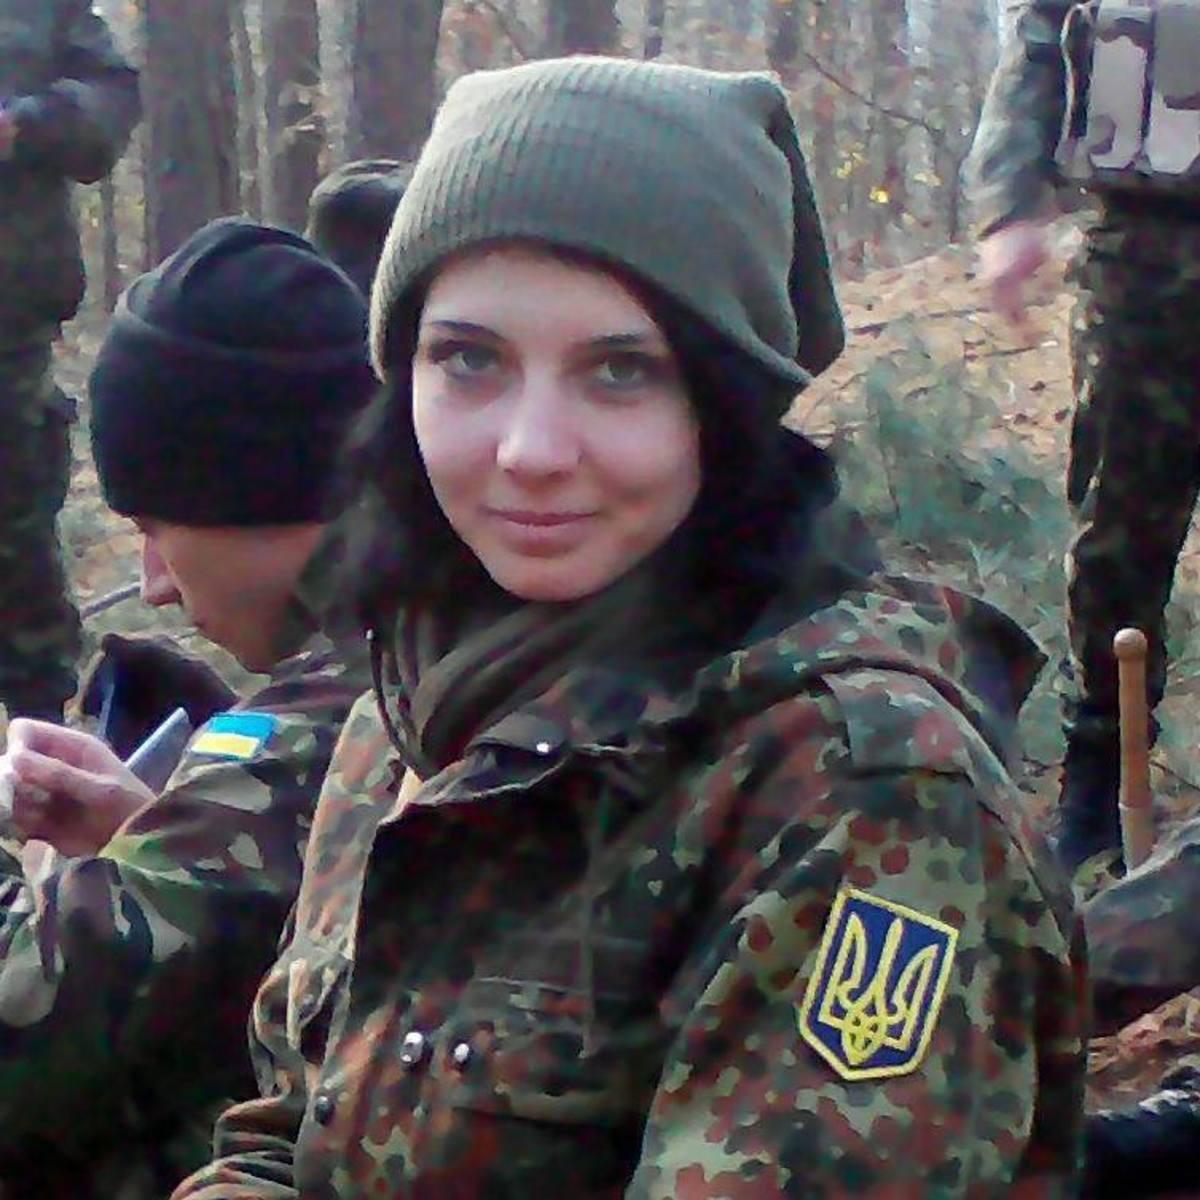 Украинские воины отбили нападение вражеской ДРГ в районе Ясиноватой, - спикер АТО - Цензор.НЕТ 7362